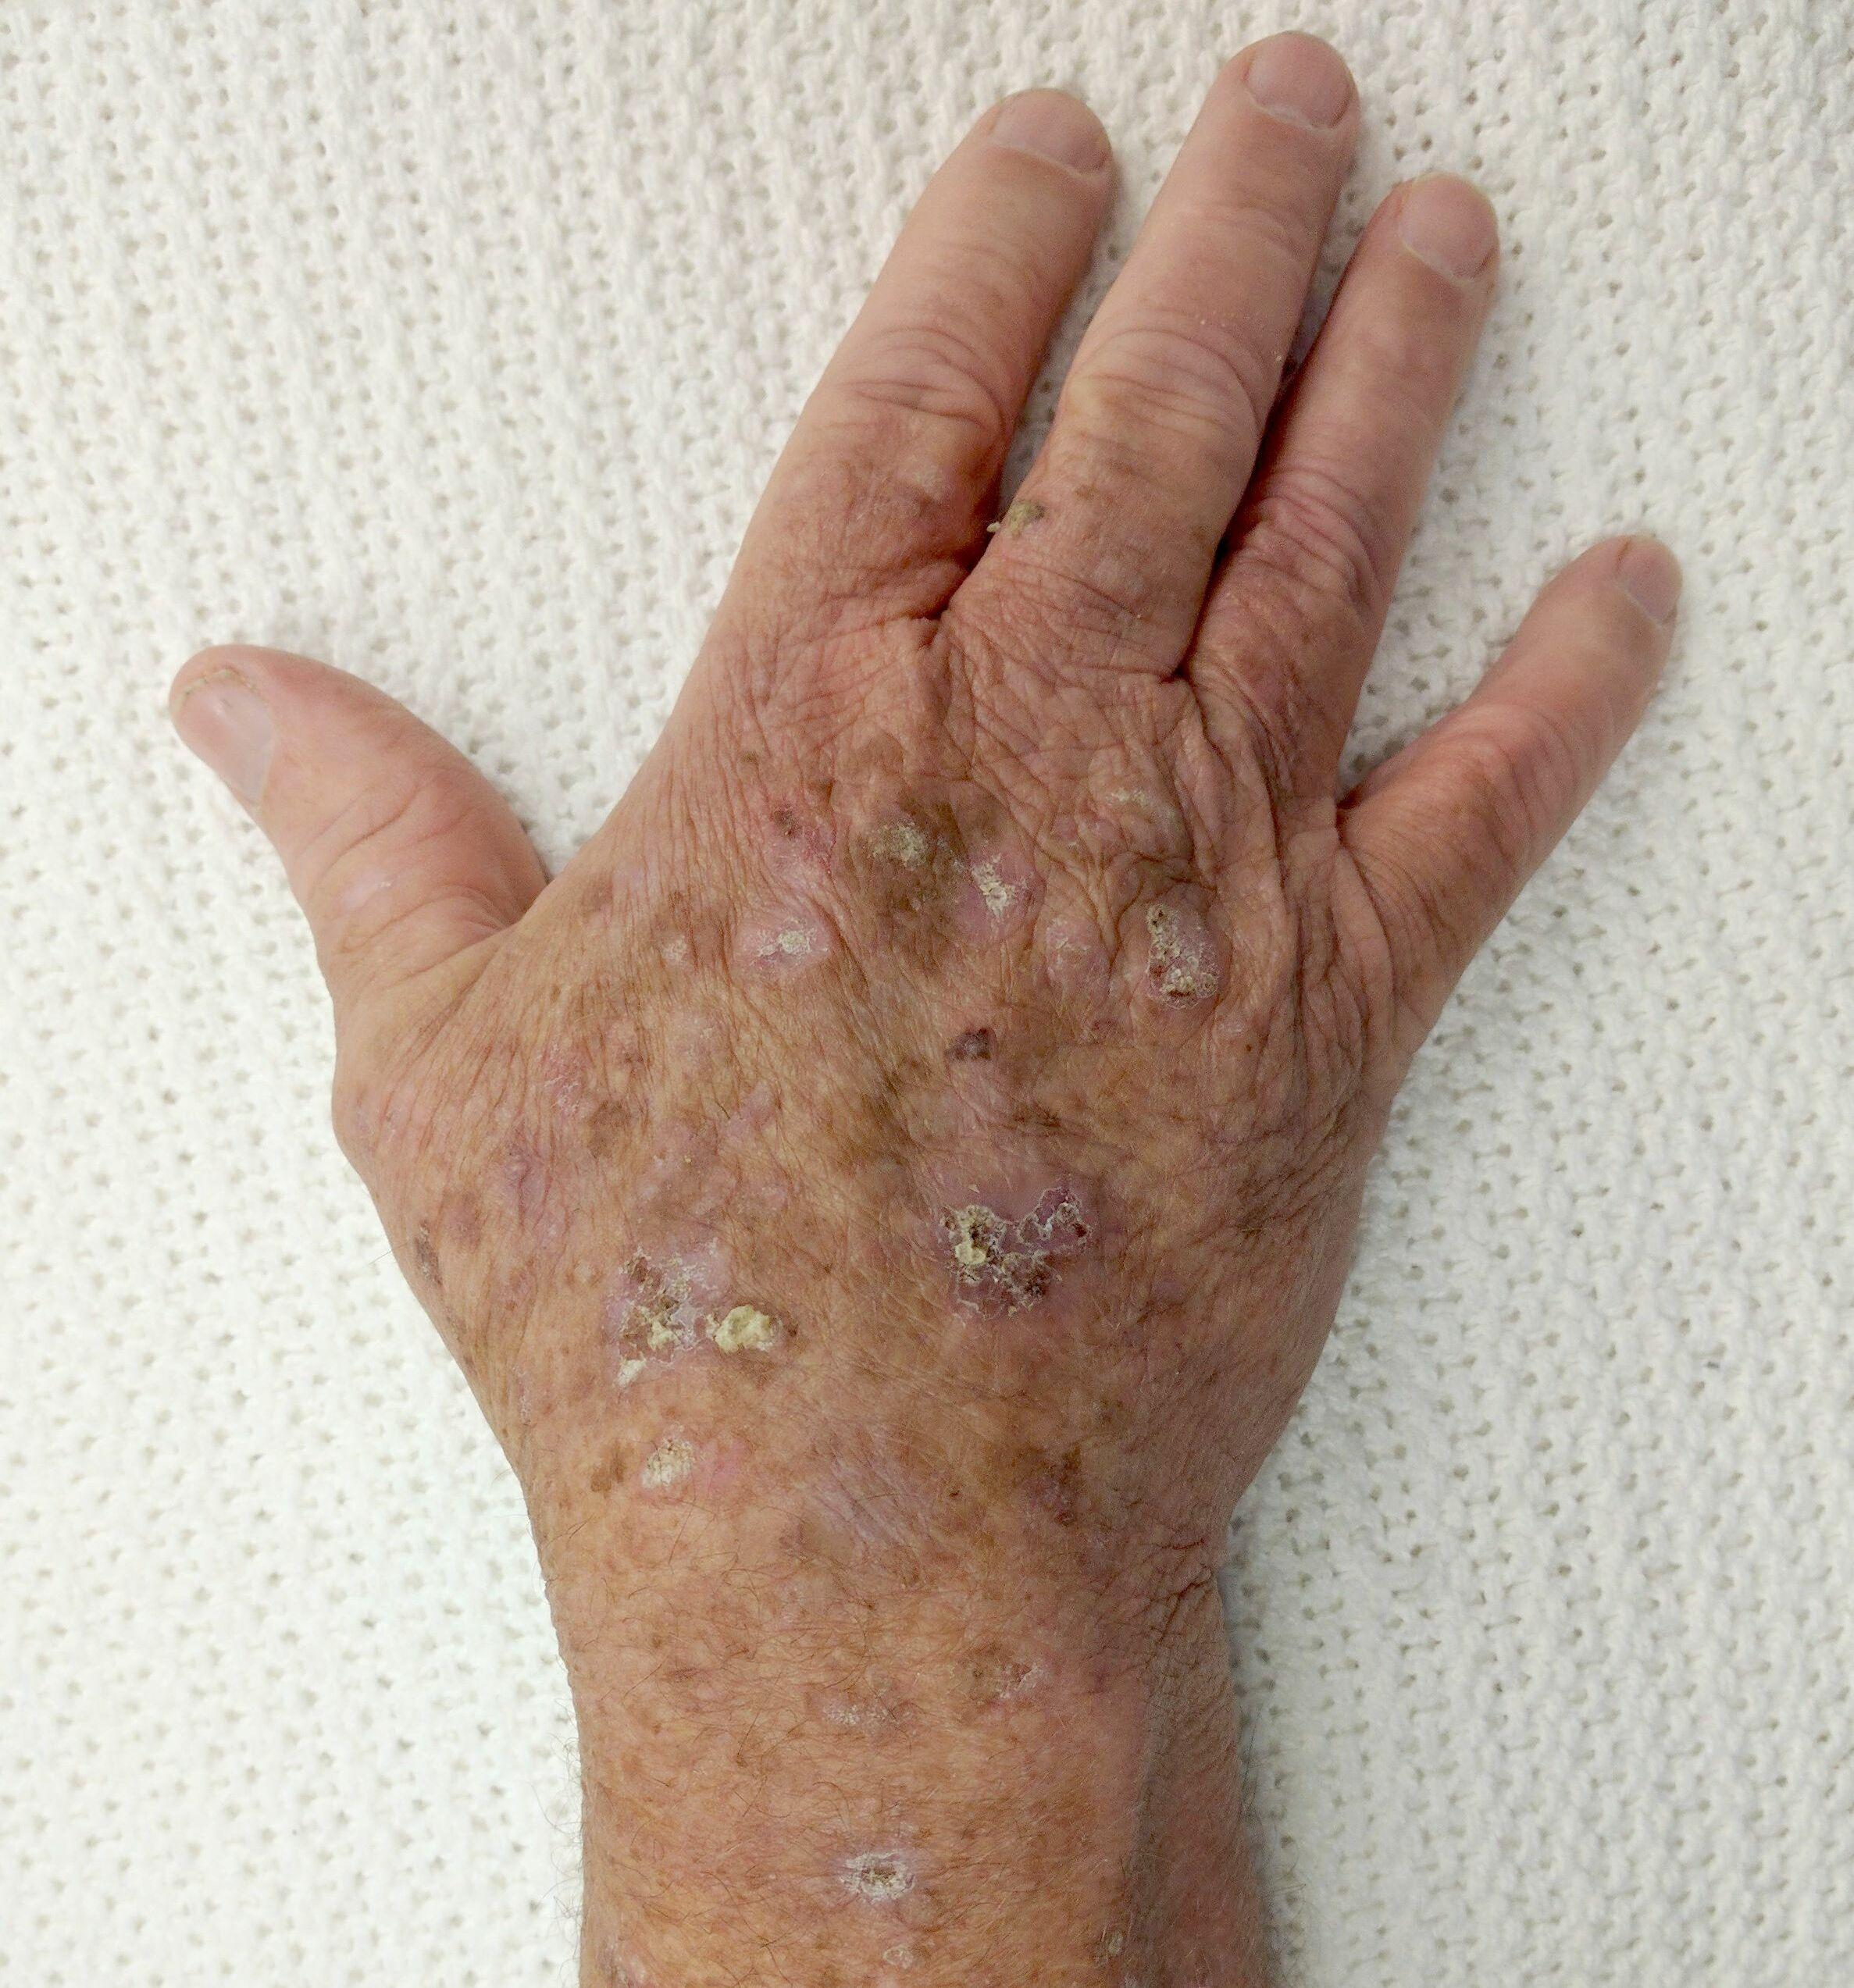 papilloma virus keratosis)